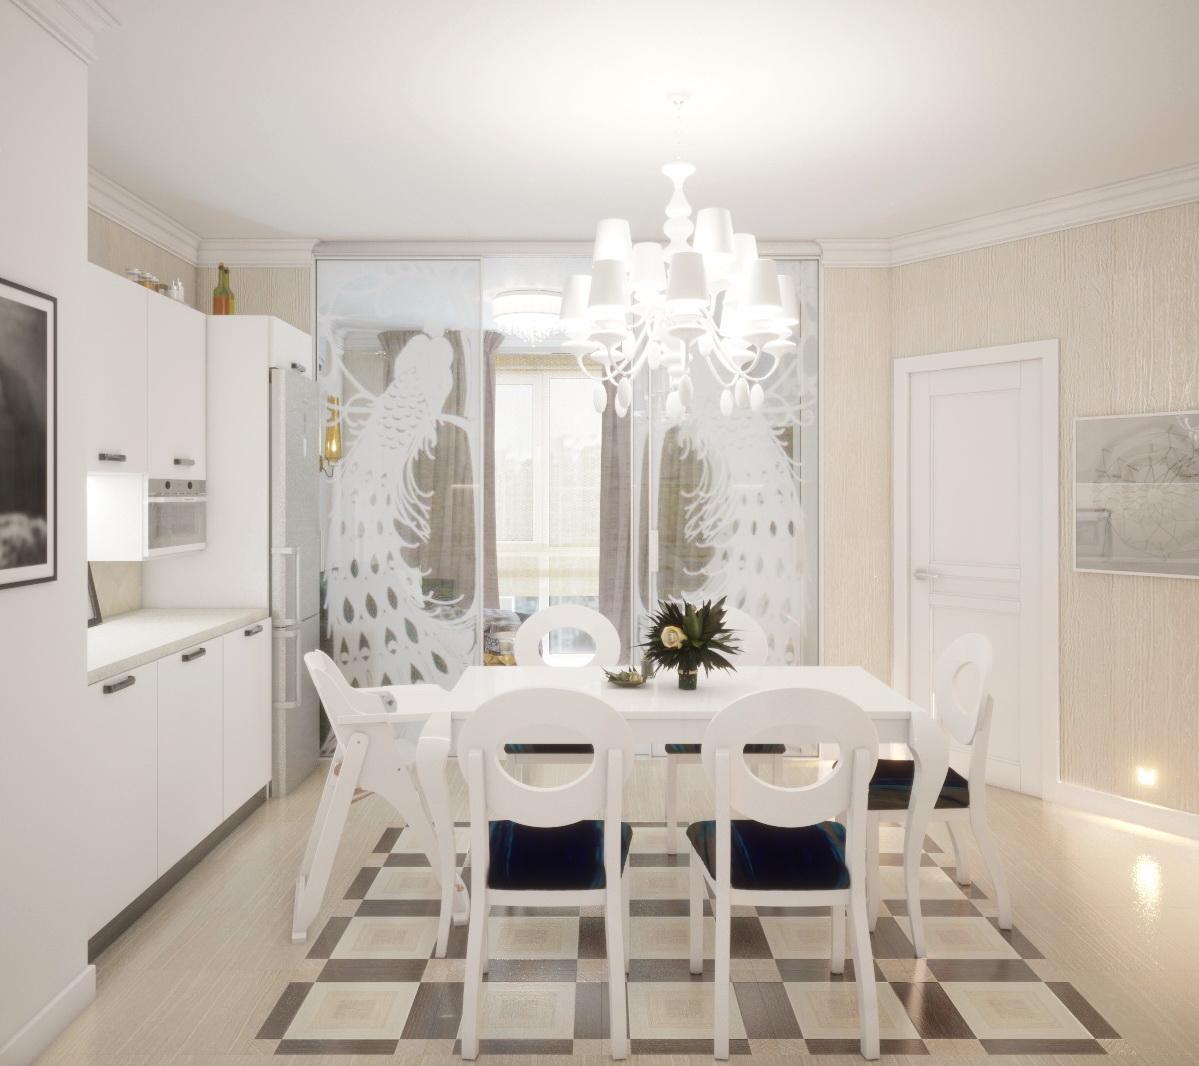 Разработать дизайн однокомнатной квартиры 39 кв.м. фото f_947593956720b792.jpg